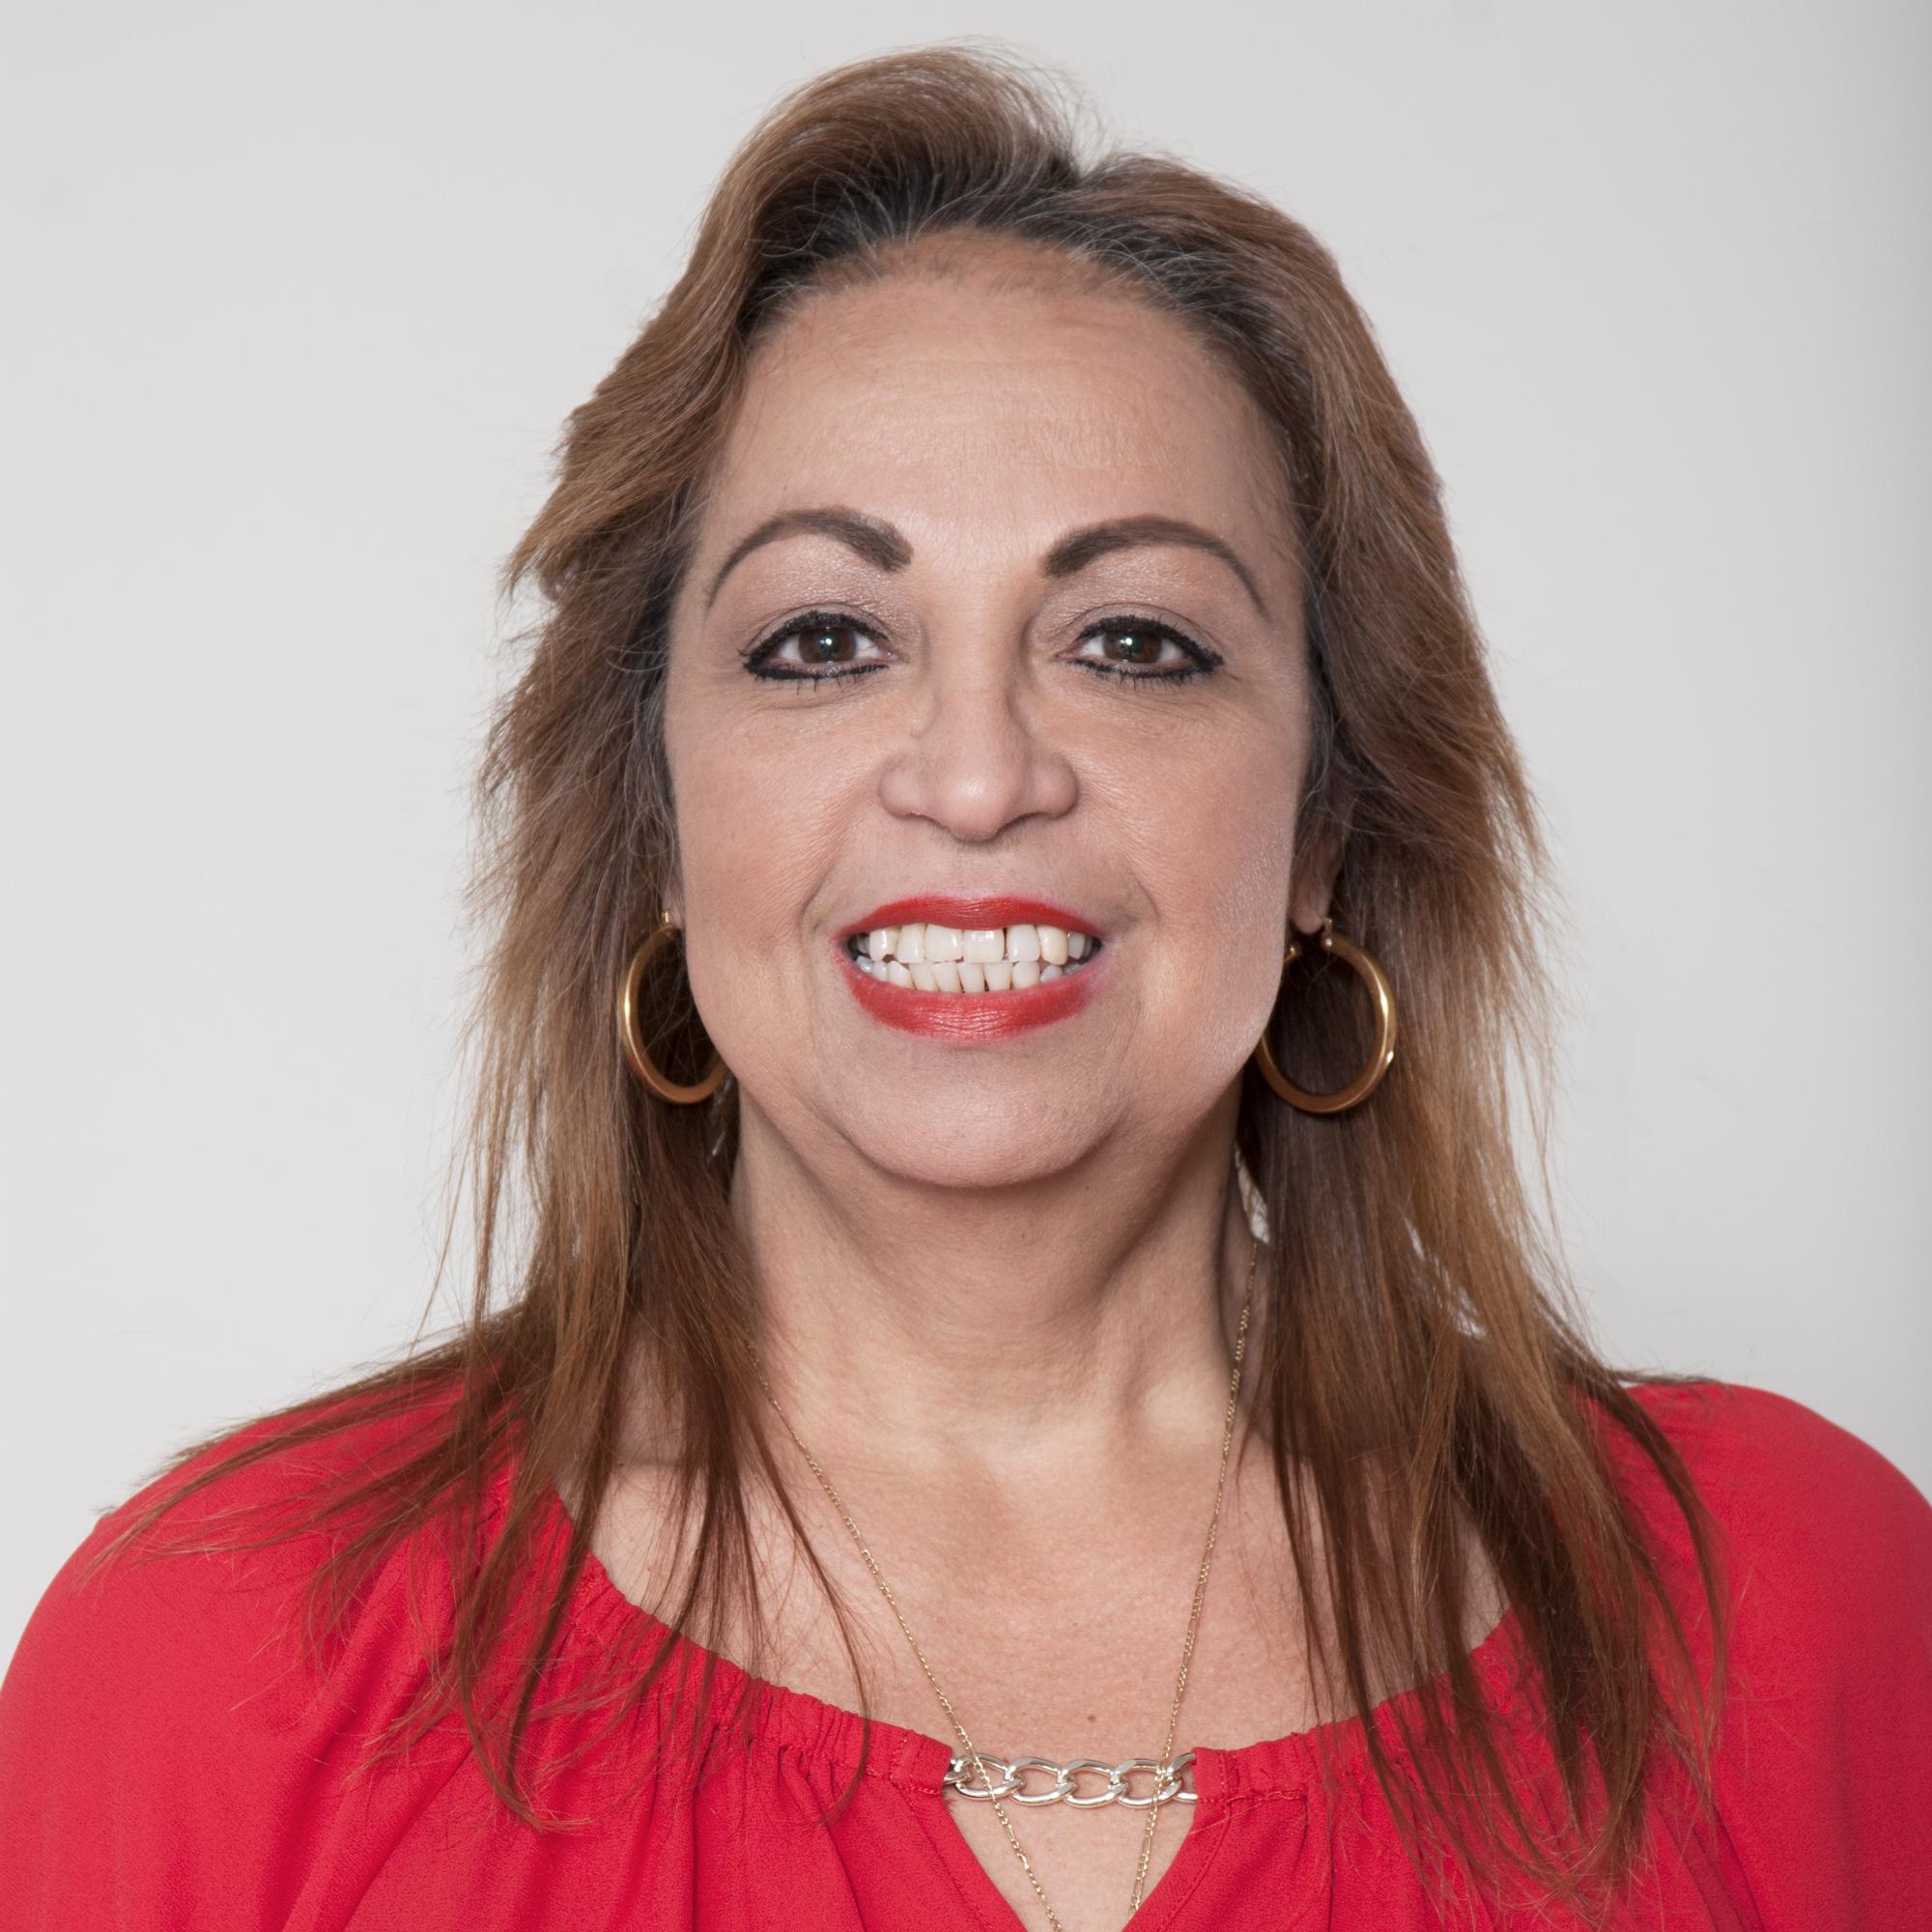 Ilaine Pérez, Community & Social Service Intake